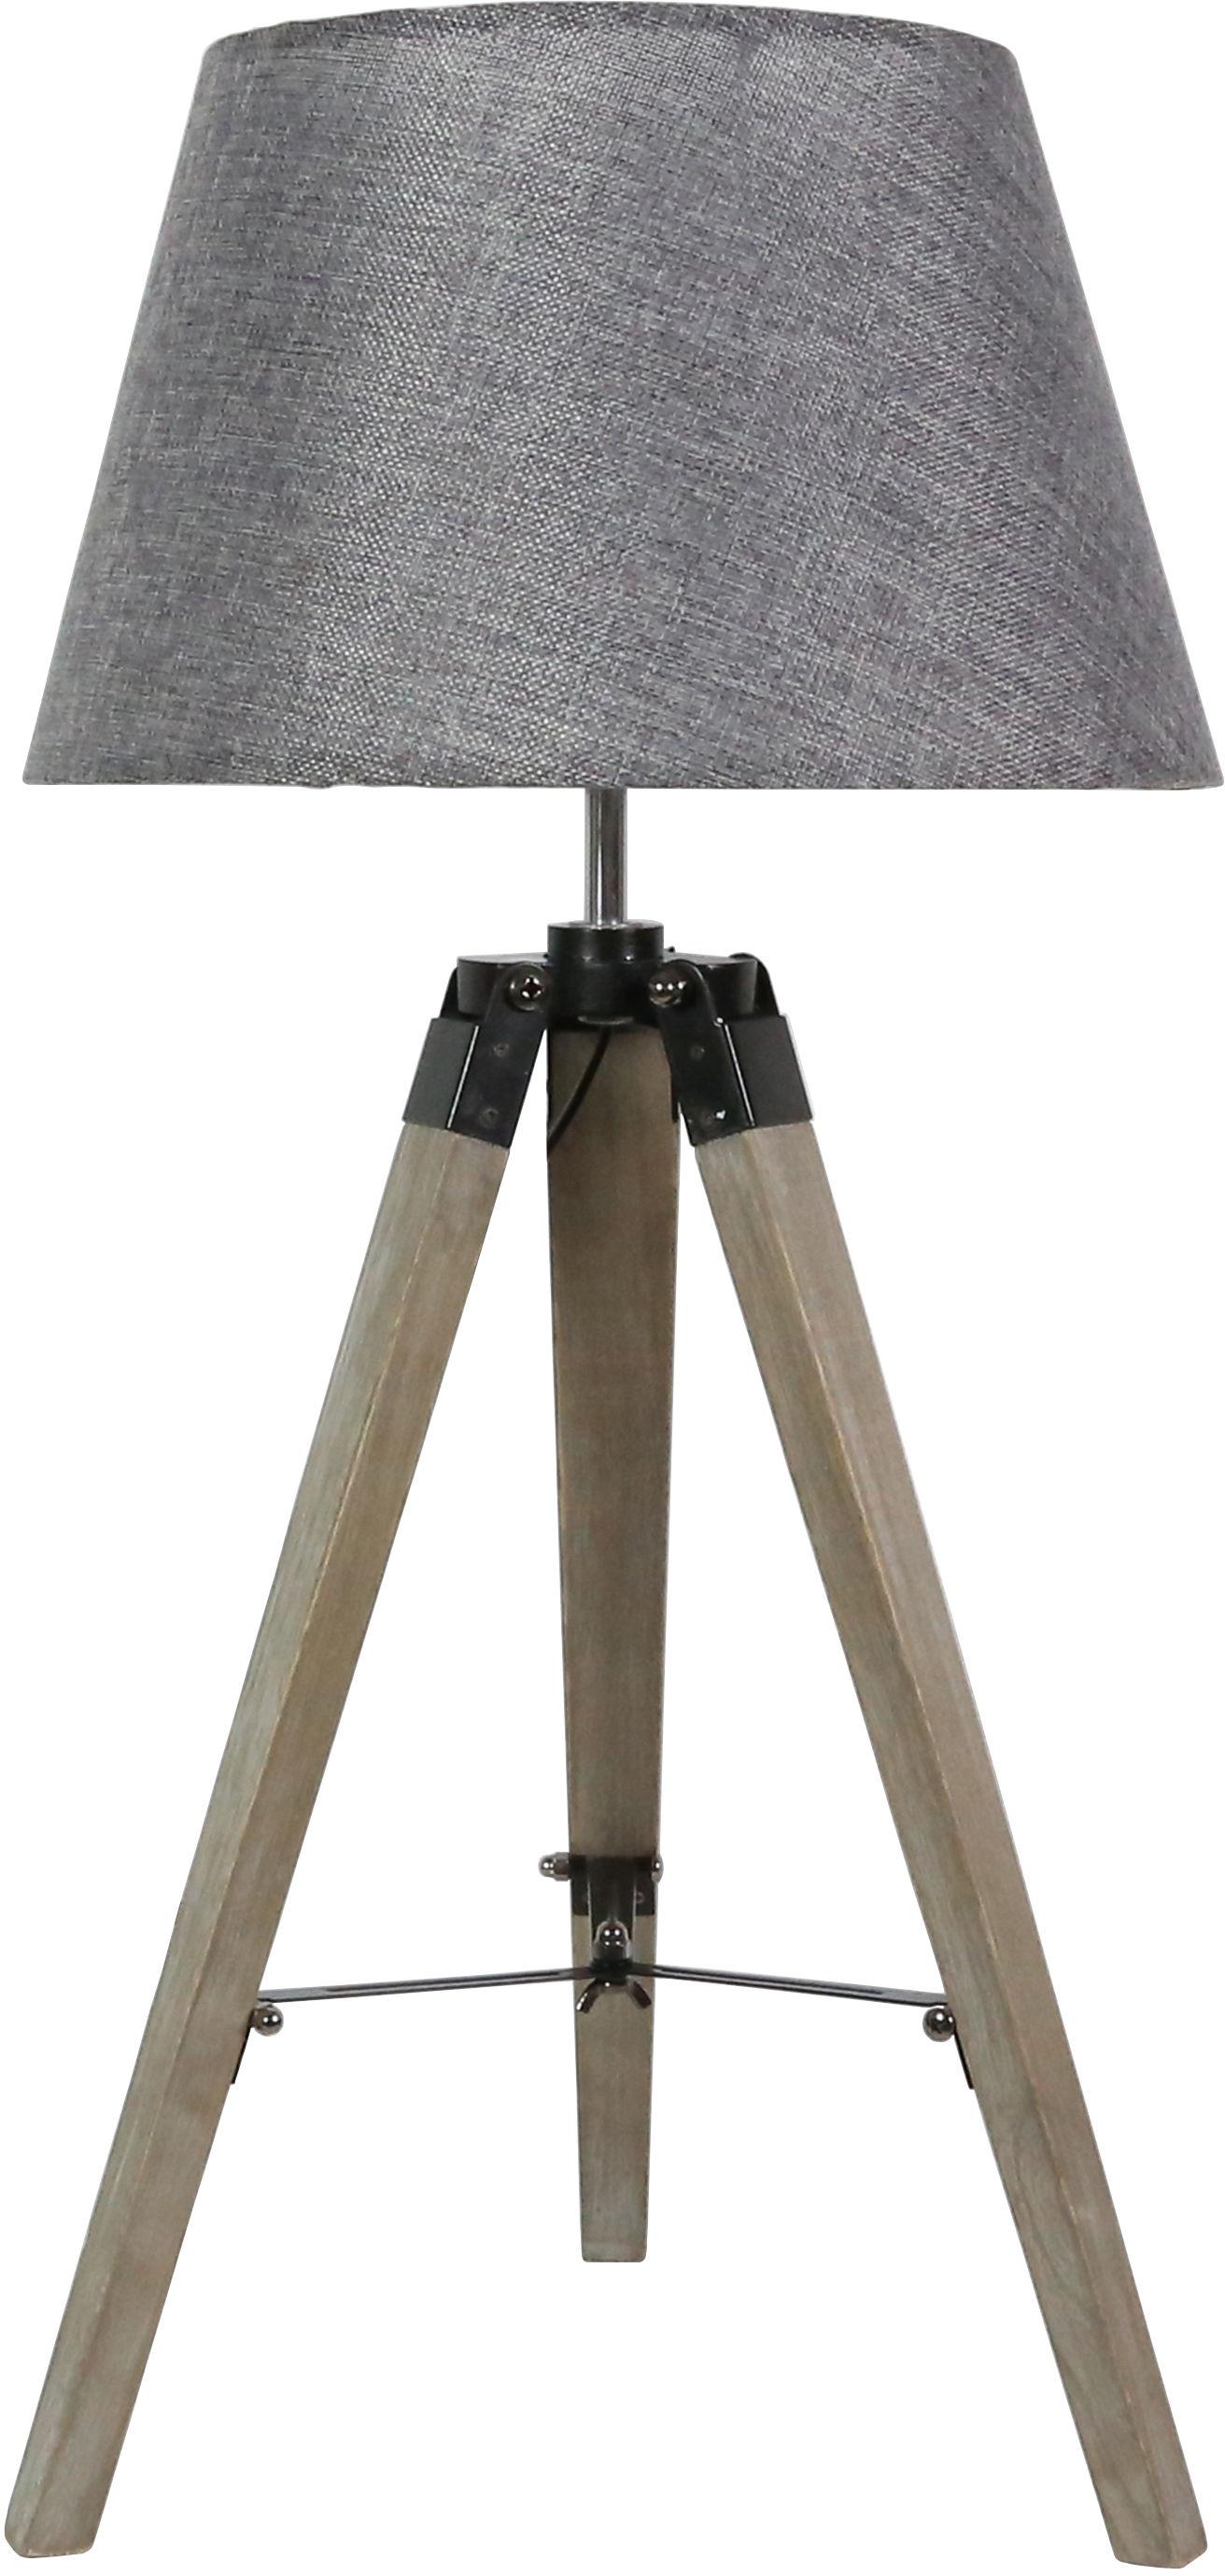 Candellux LUGANO 41-31150 lampa stołowa abażur szara trójnoga 1X60W E27 33cm